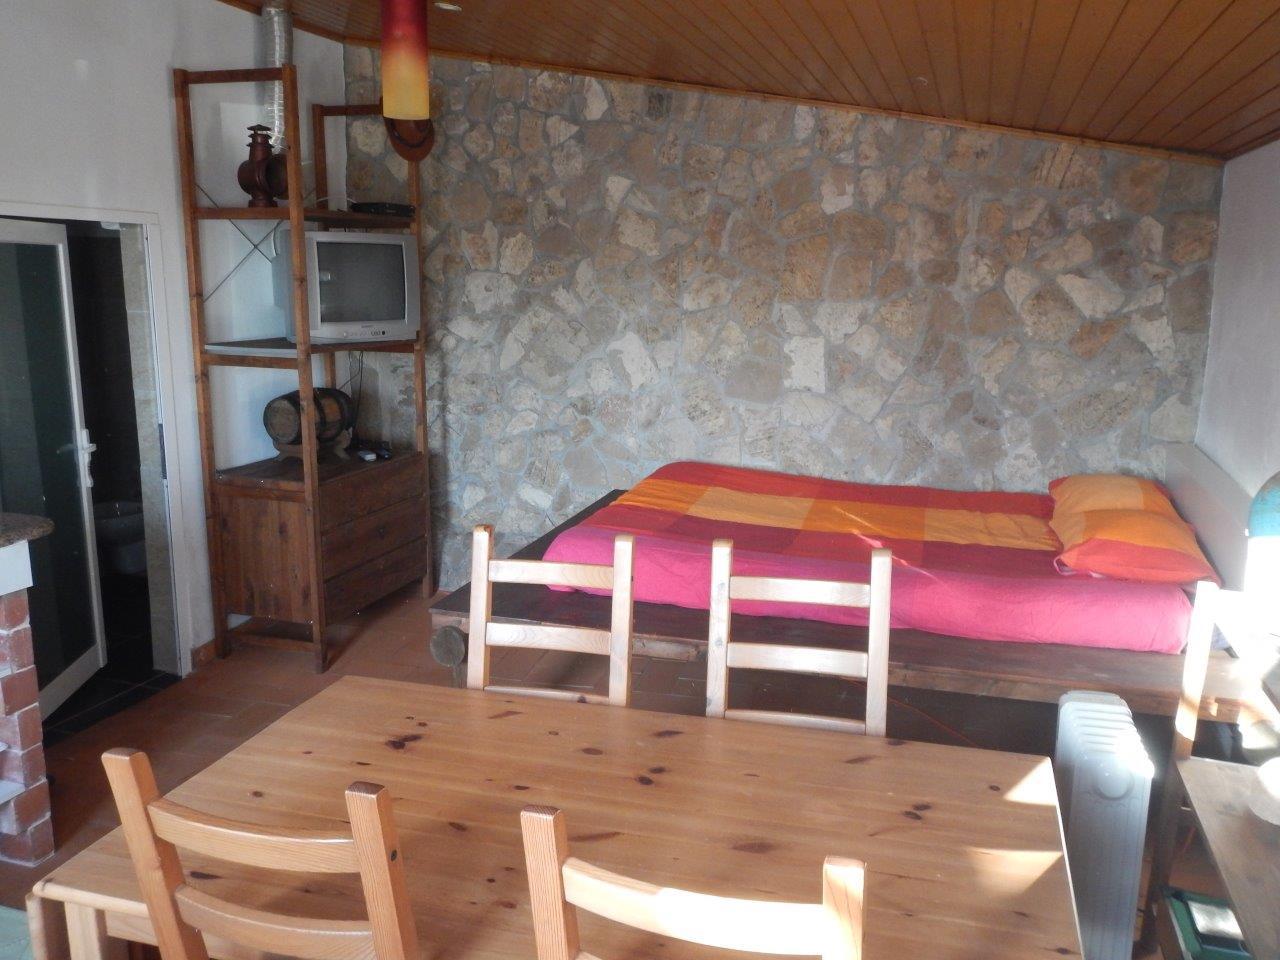 Einzimmerarppartement für den Urlaub in Portugal